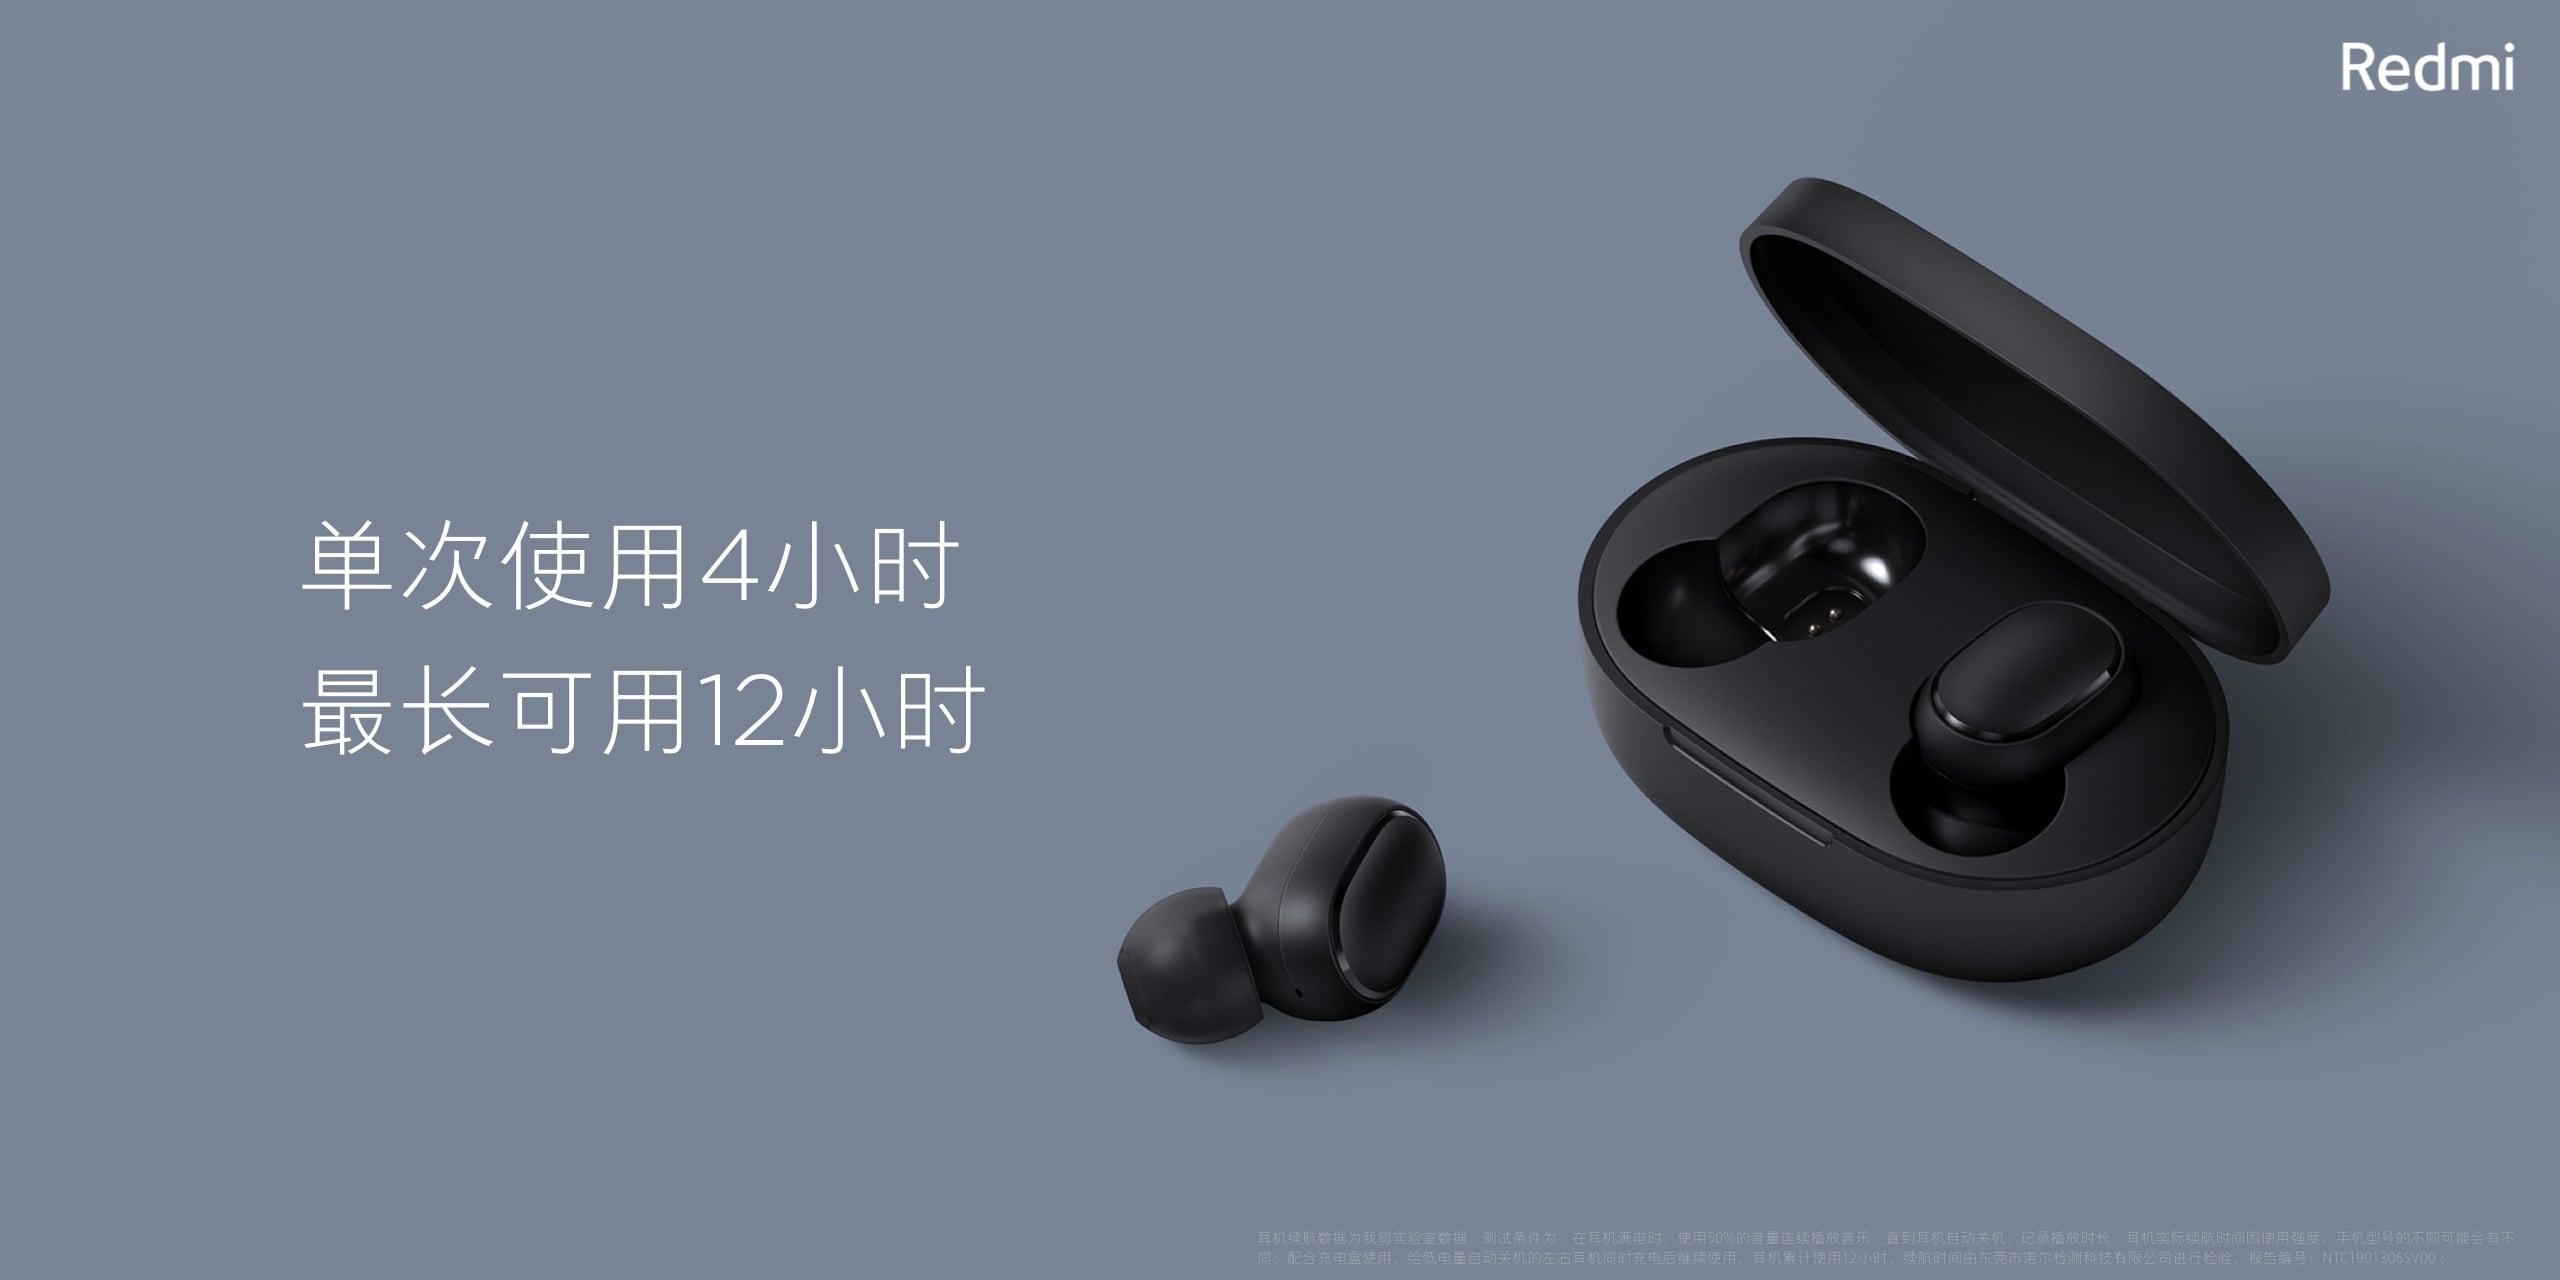 Redmi się rozwija - produkuje już nie tylko smartfony, ale od teraz też słuchawki i... pralki